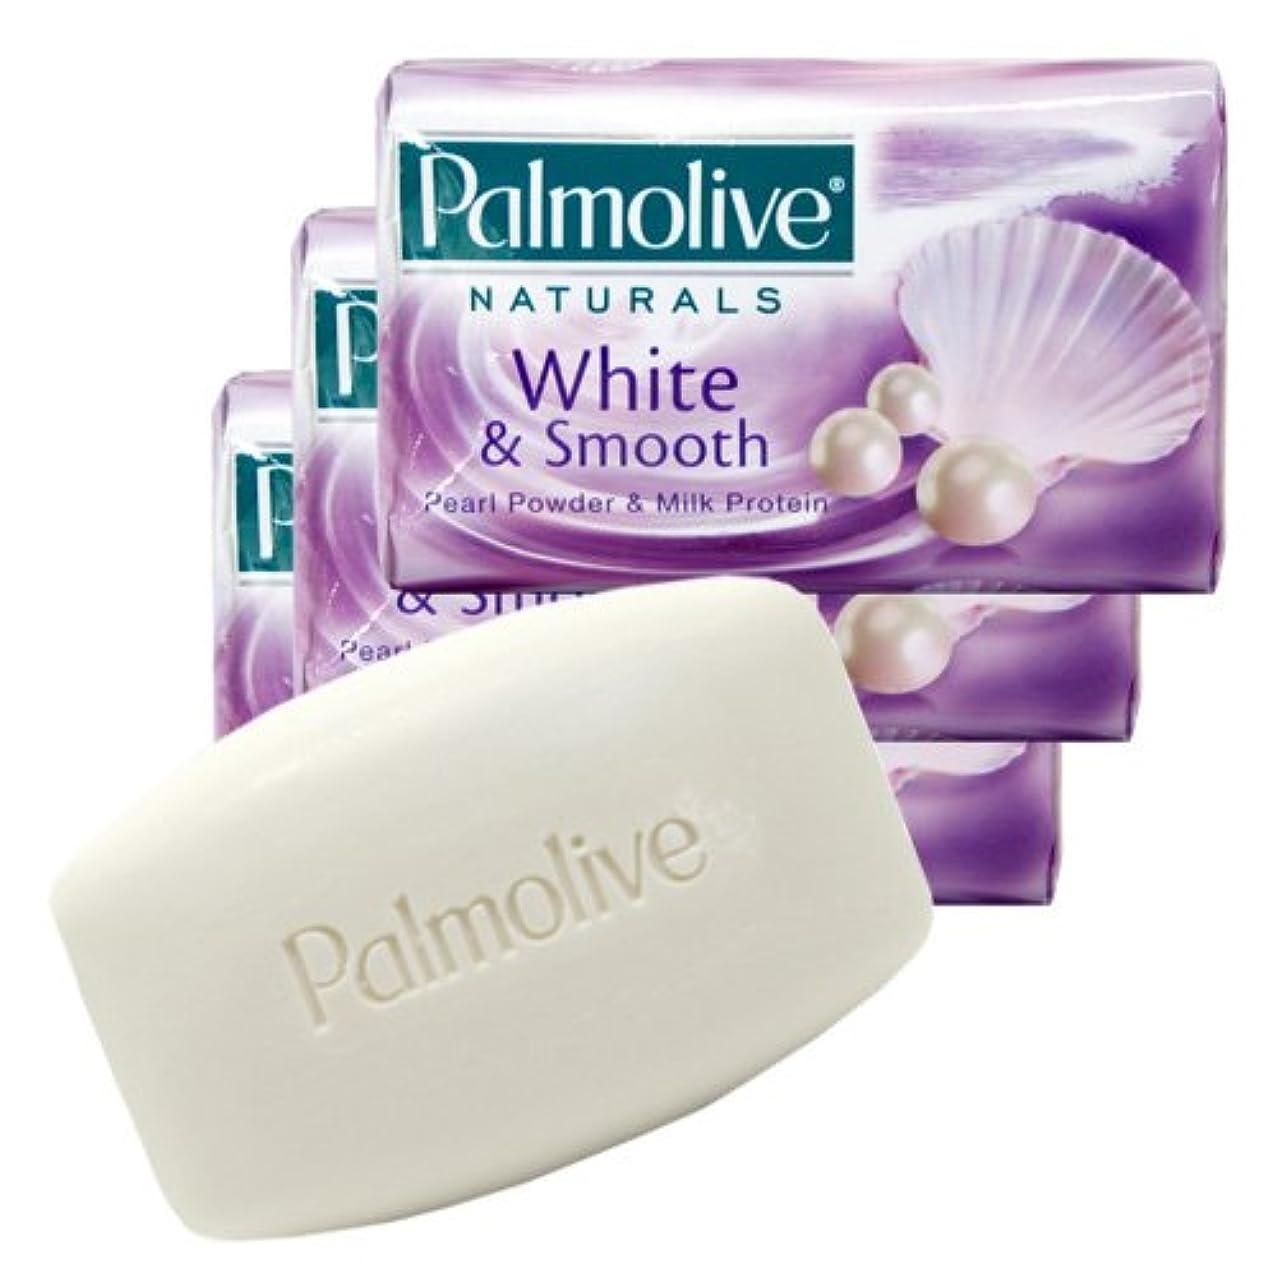 単語荒らす要求【Palmolive】パルモリーブ ナチュラルズ石鹸3個パック ホワイト&スムース(パールパウダー&ミルクプロテイン)80g×3